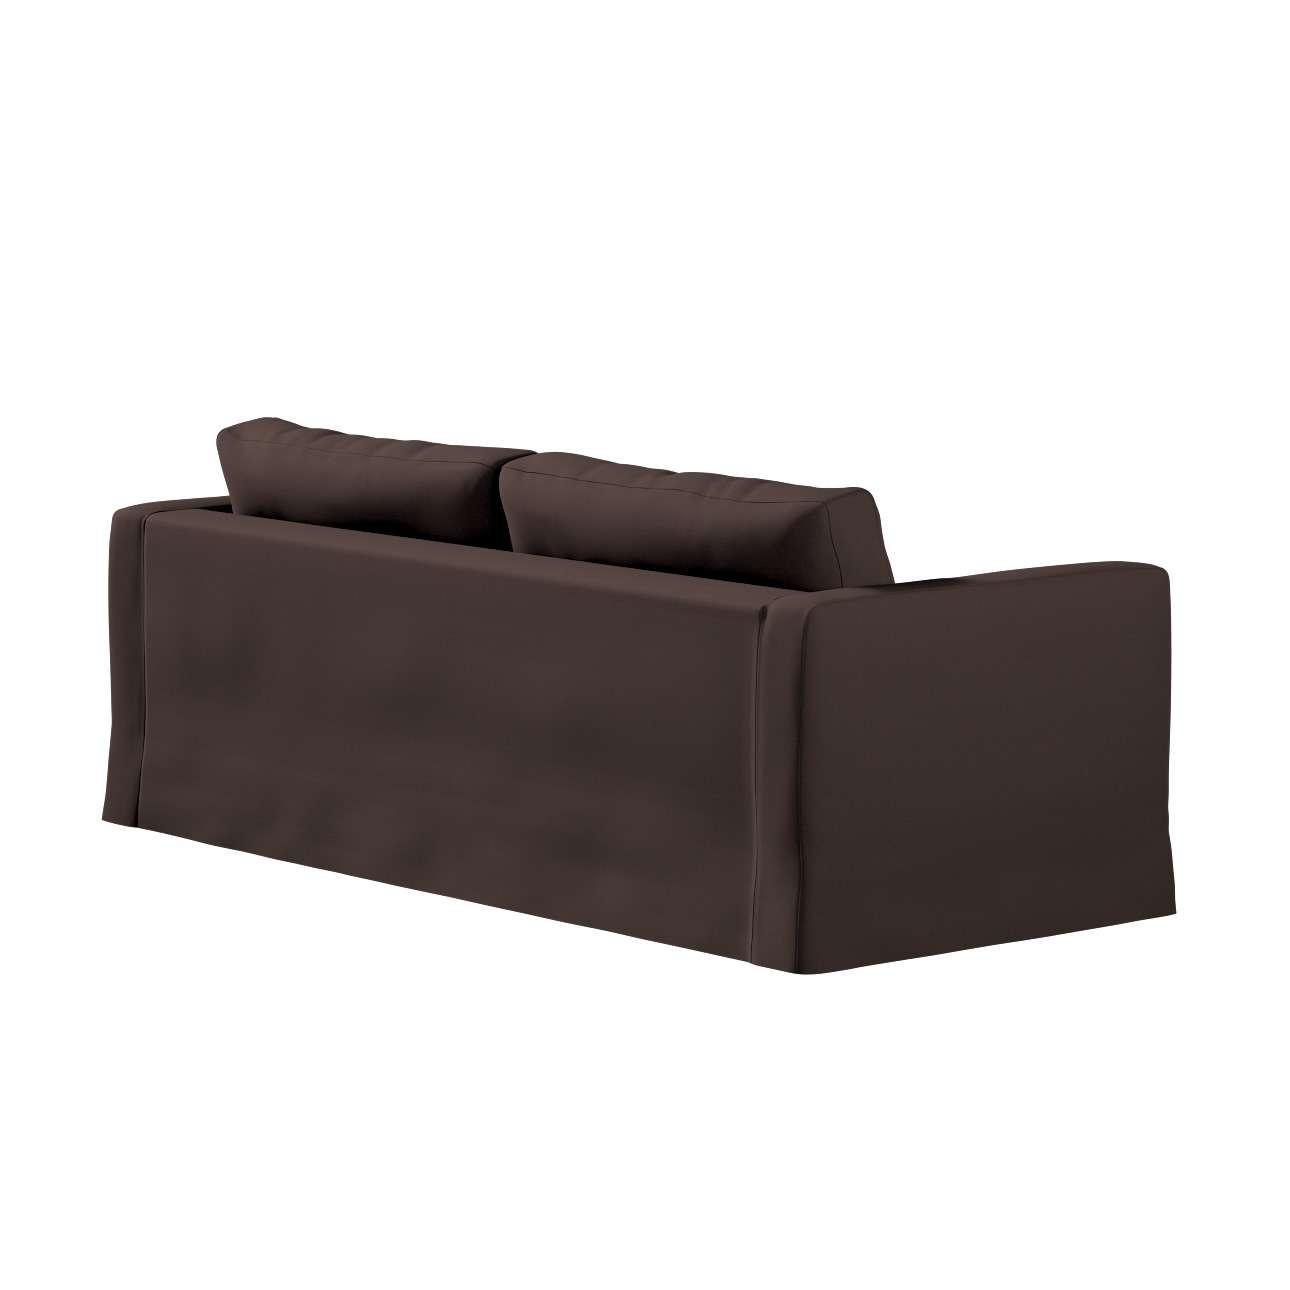 Potah na pohovku IKEA  Karlstad 3-místná, nerozkládací, dlouhý v kolekci Cotton Panama, látka: 702-03